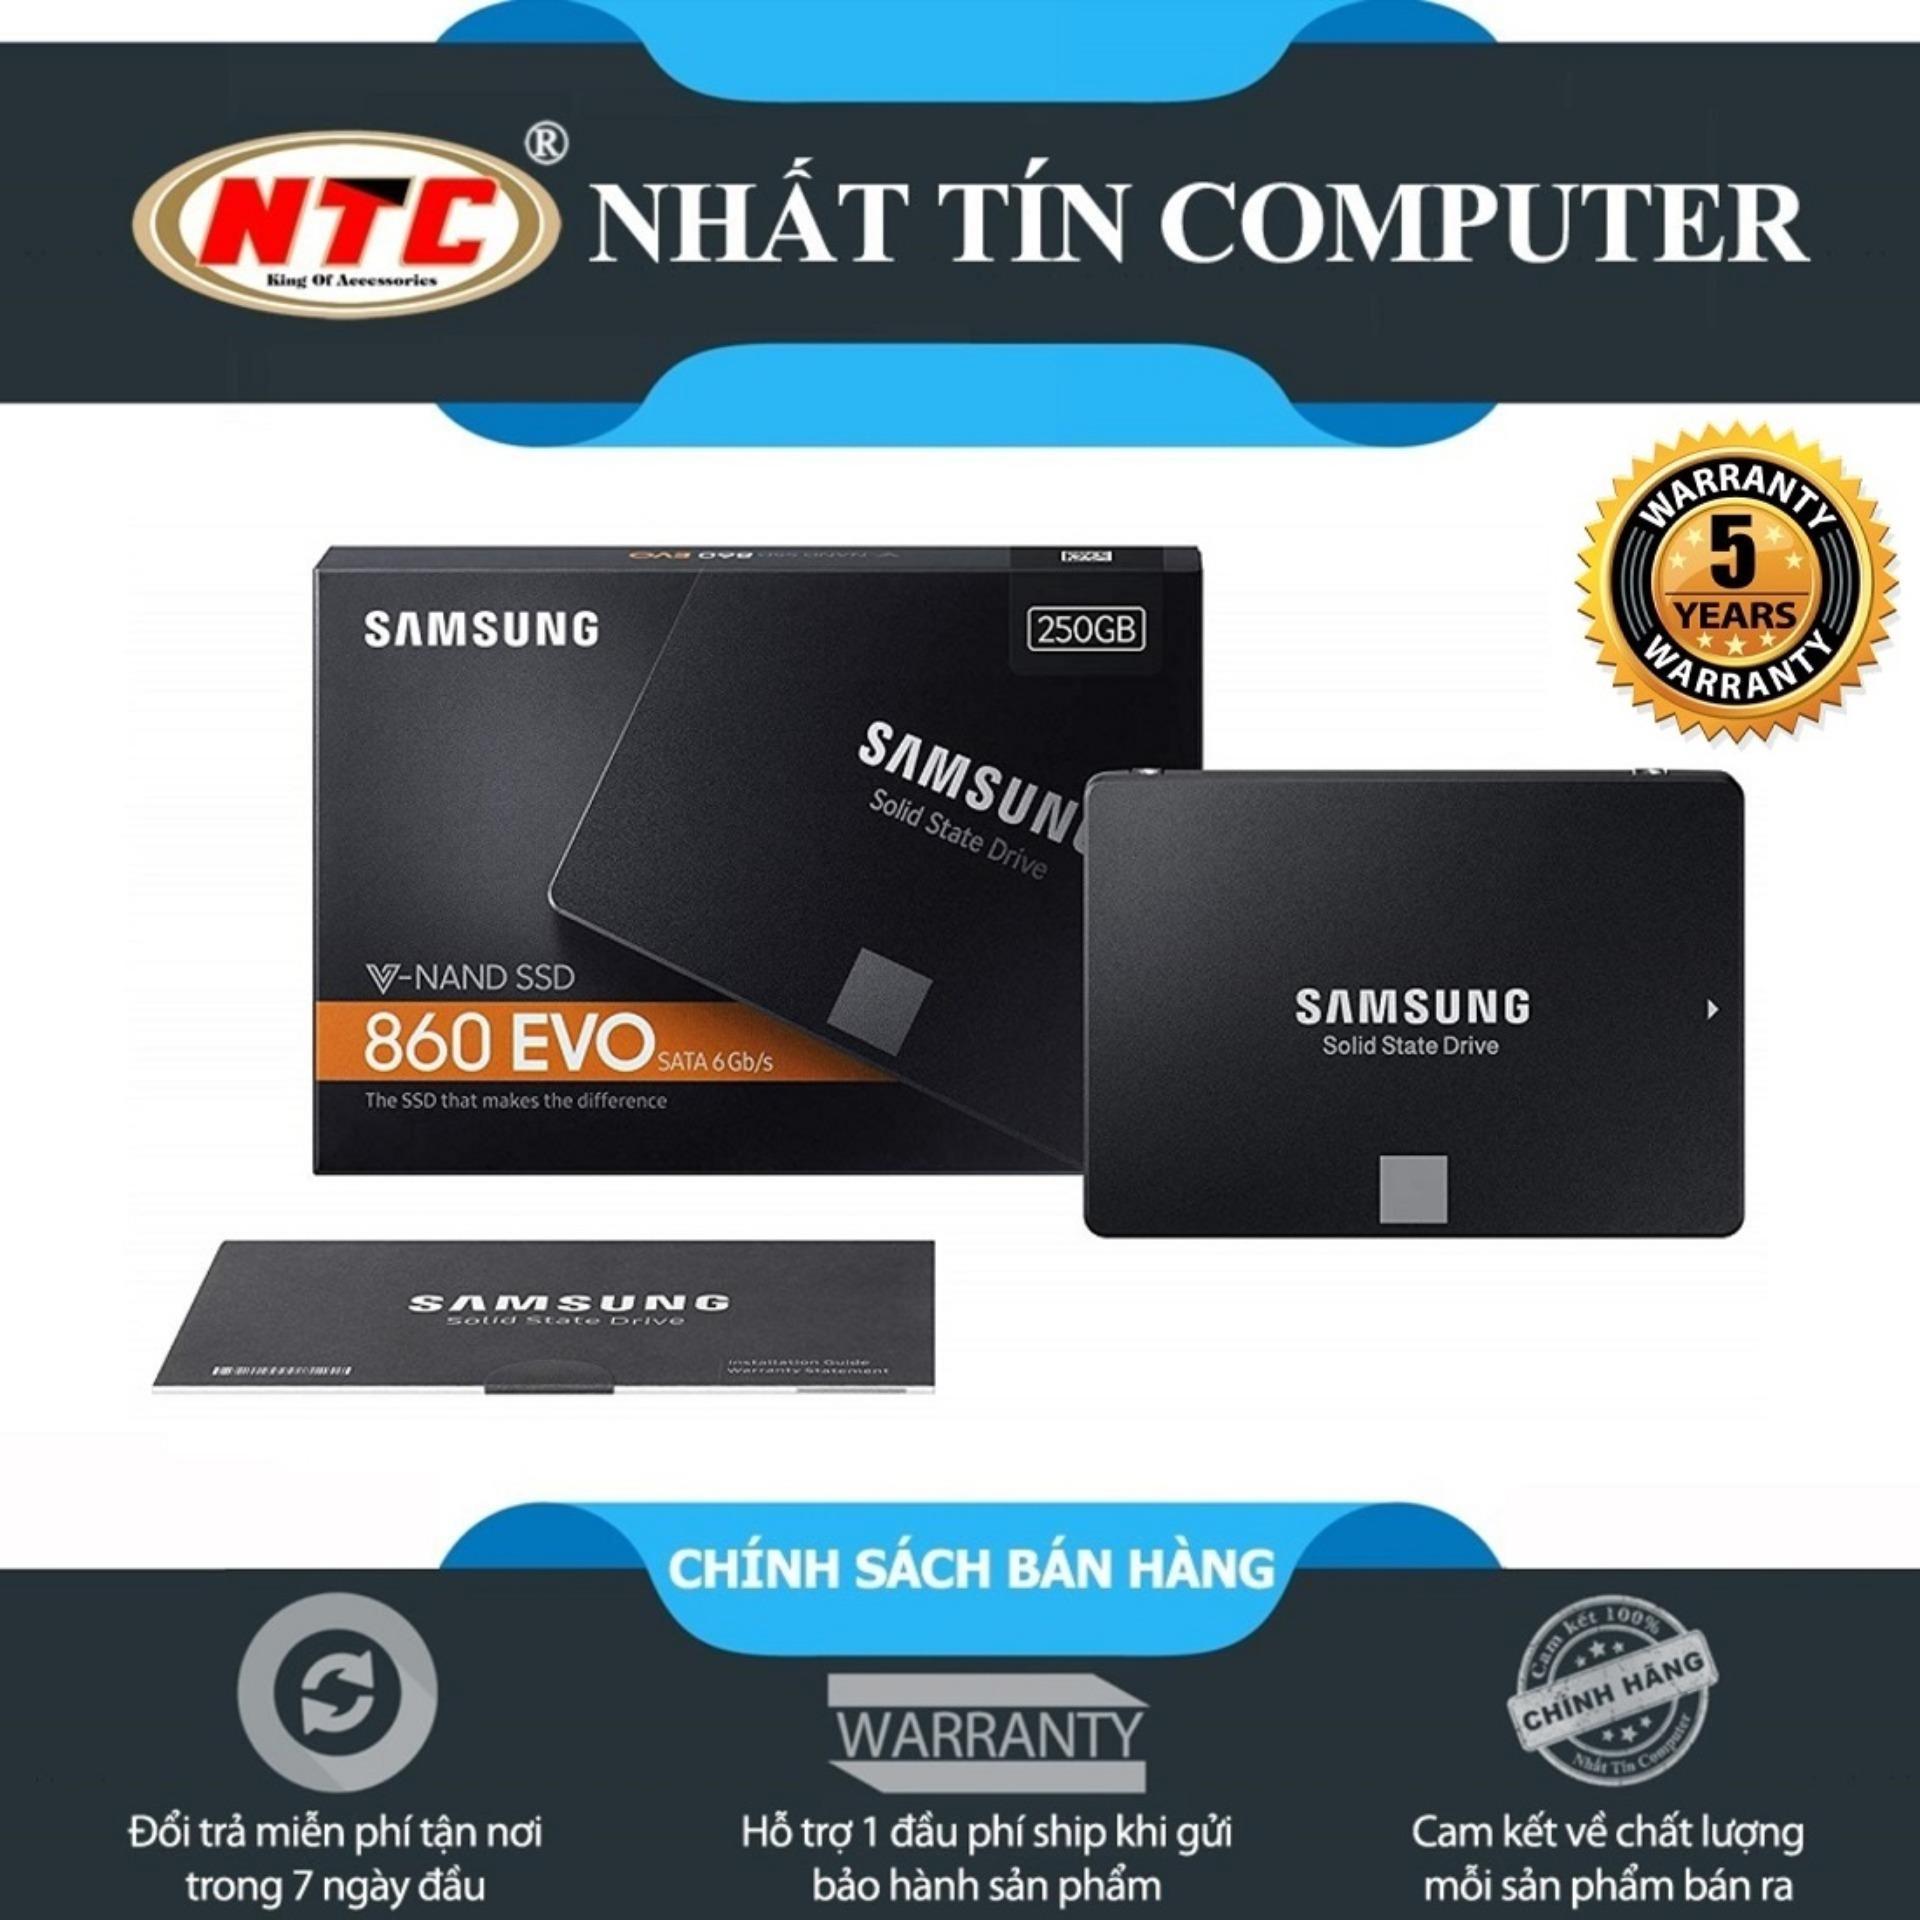 Hình ảnh Ổ cứng SSD Samsung 860 Evo 250GB 2.5-Inch SATA III - box Anh (Đen)